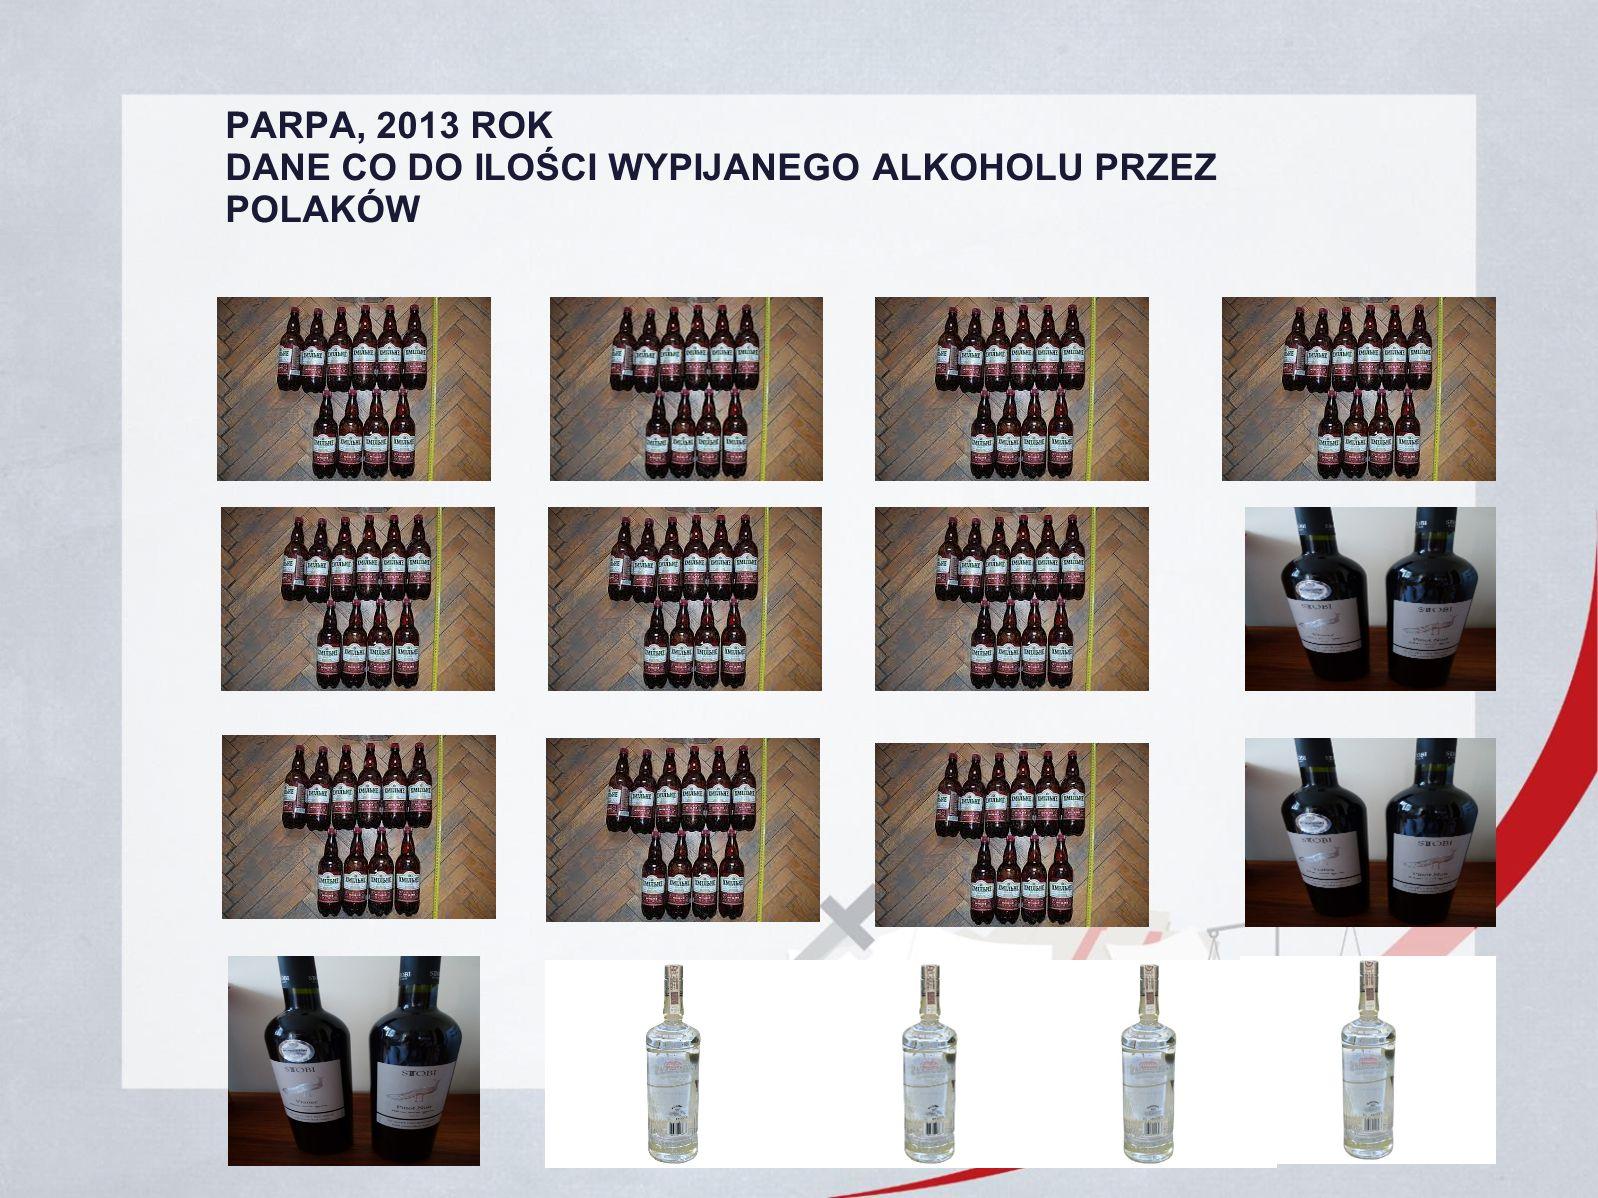 PARPA, 2013 ROK DANE CO DO ILOŚCI WYPIJANEGO ALKOHOLU PRZEZ POLAKÓW